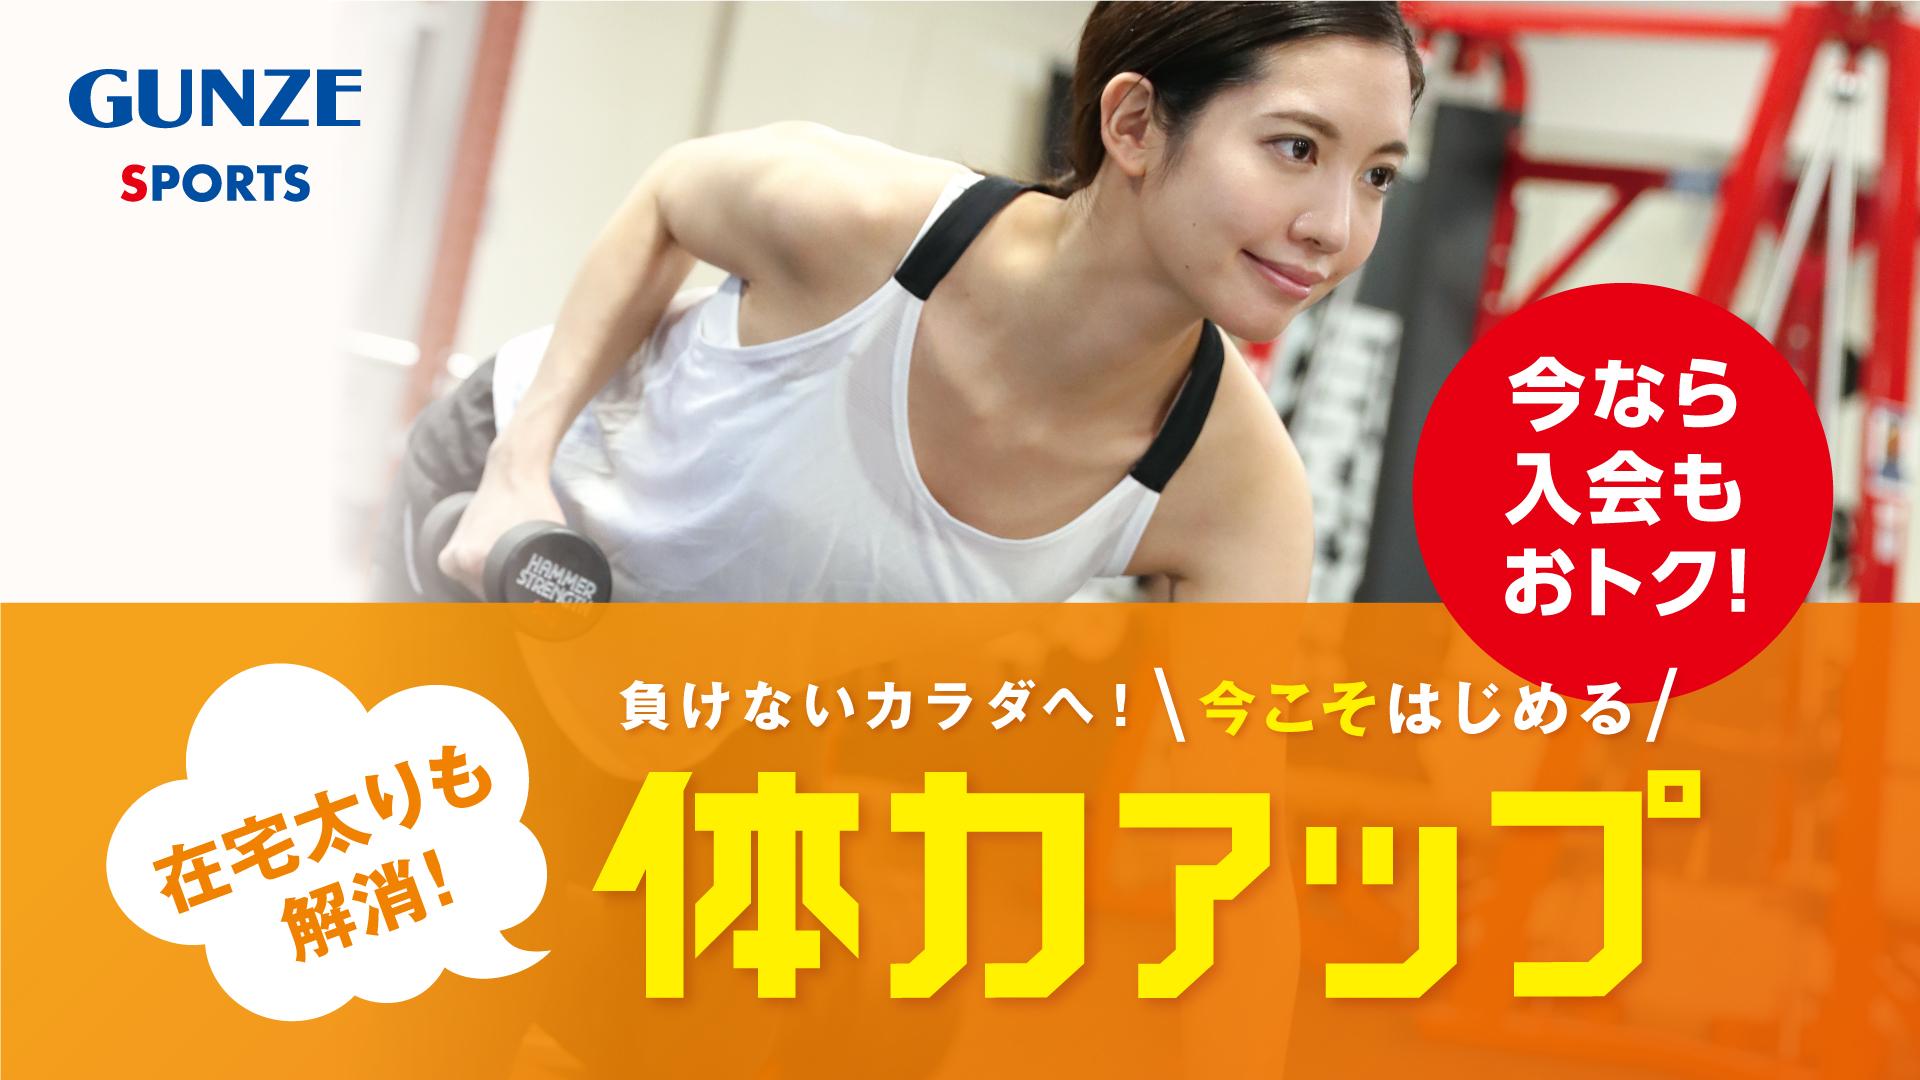 Gunzesports toyamalegato グンゼスポーツ 富山レガートスクエア